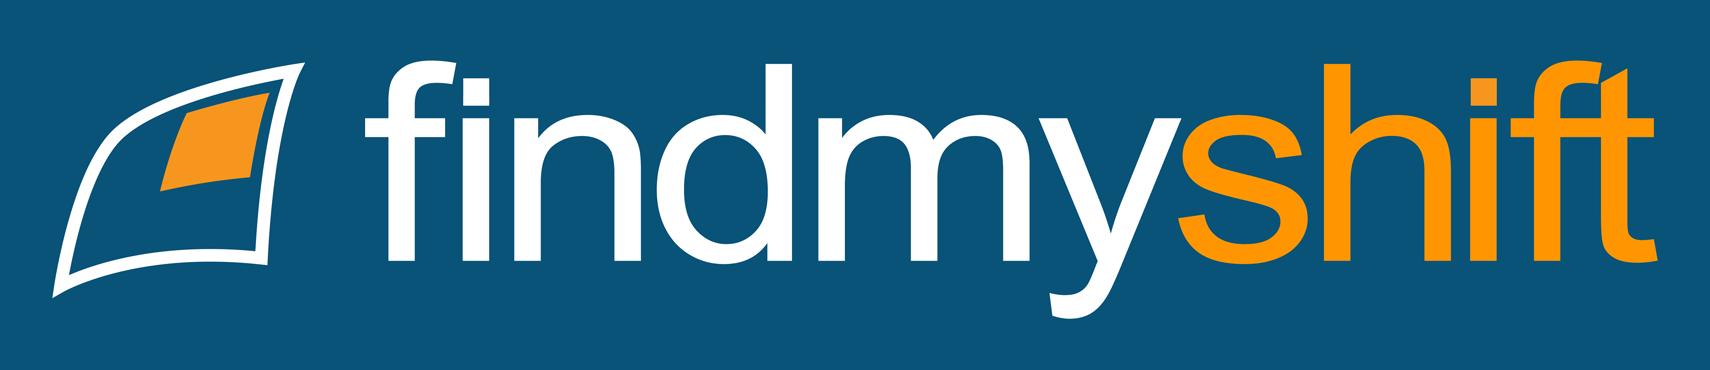 Findmyshift - employee scheduling app